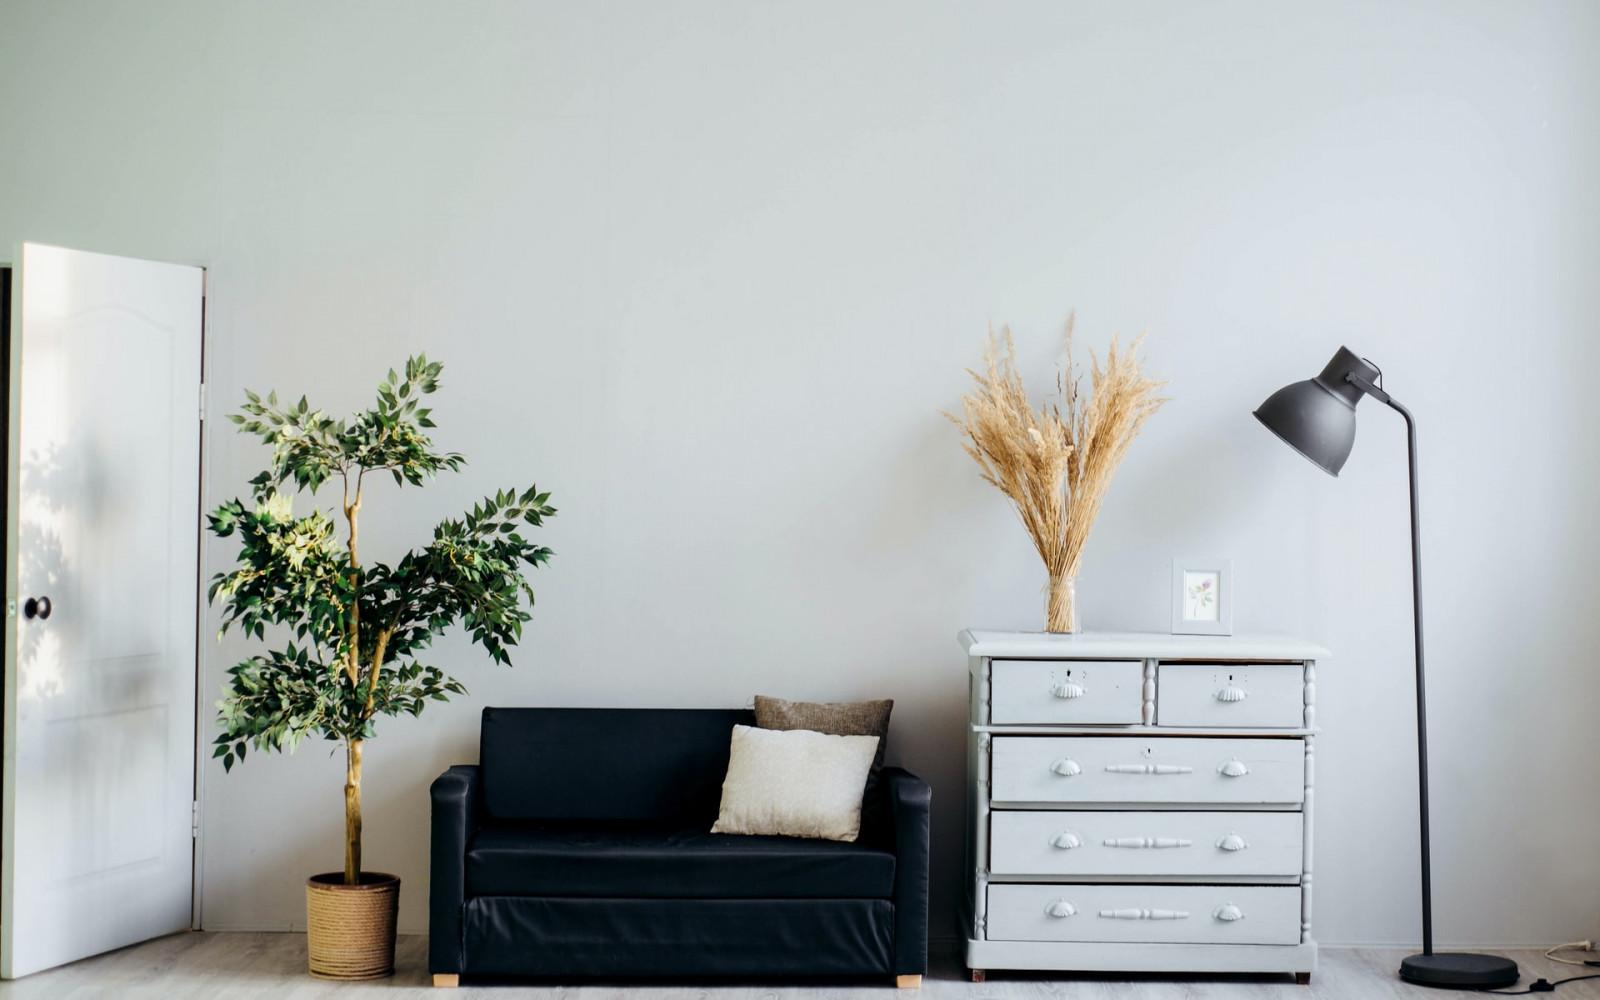 Duurzaam wonen: tips om energie te besparen afbeelding